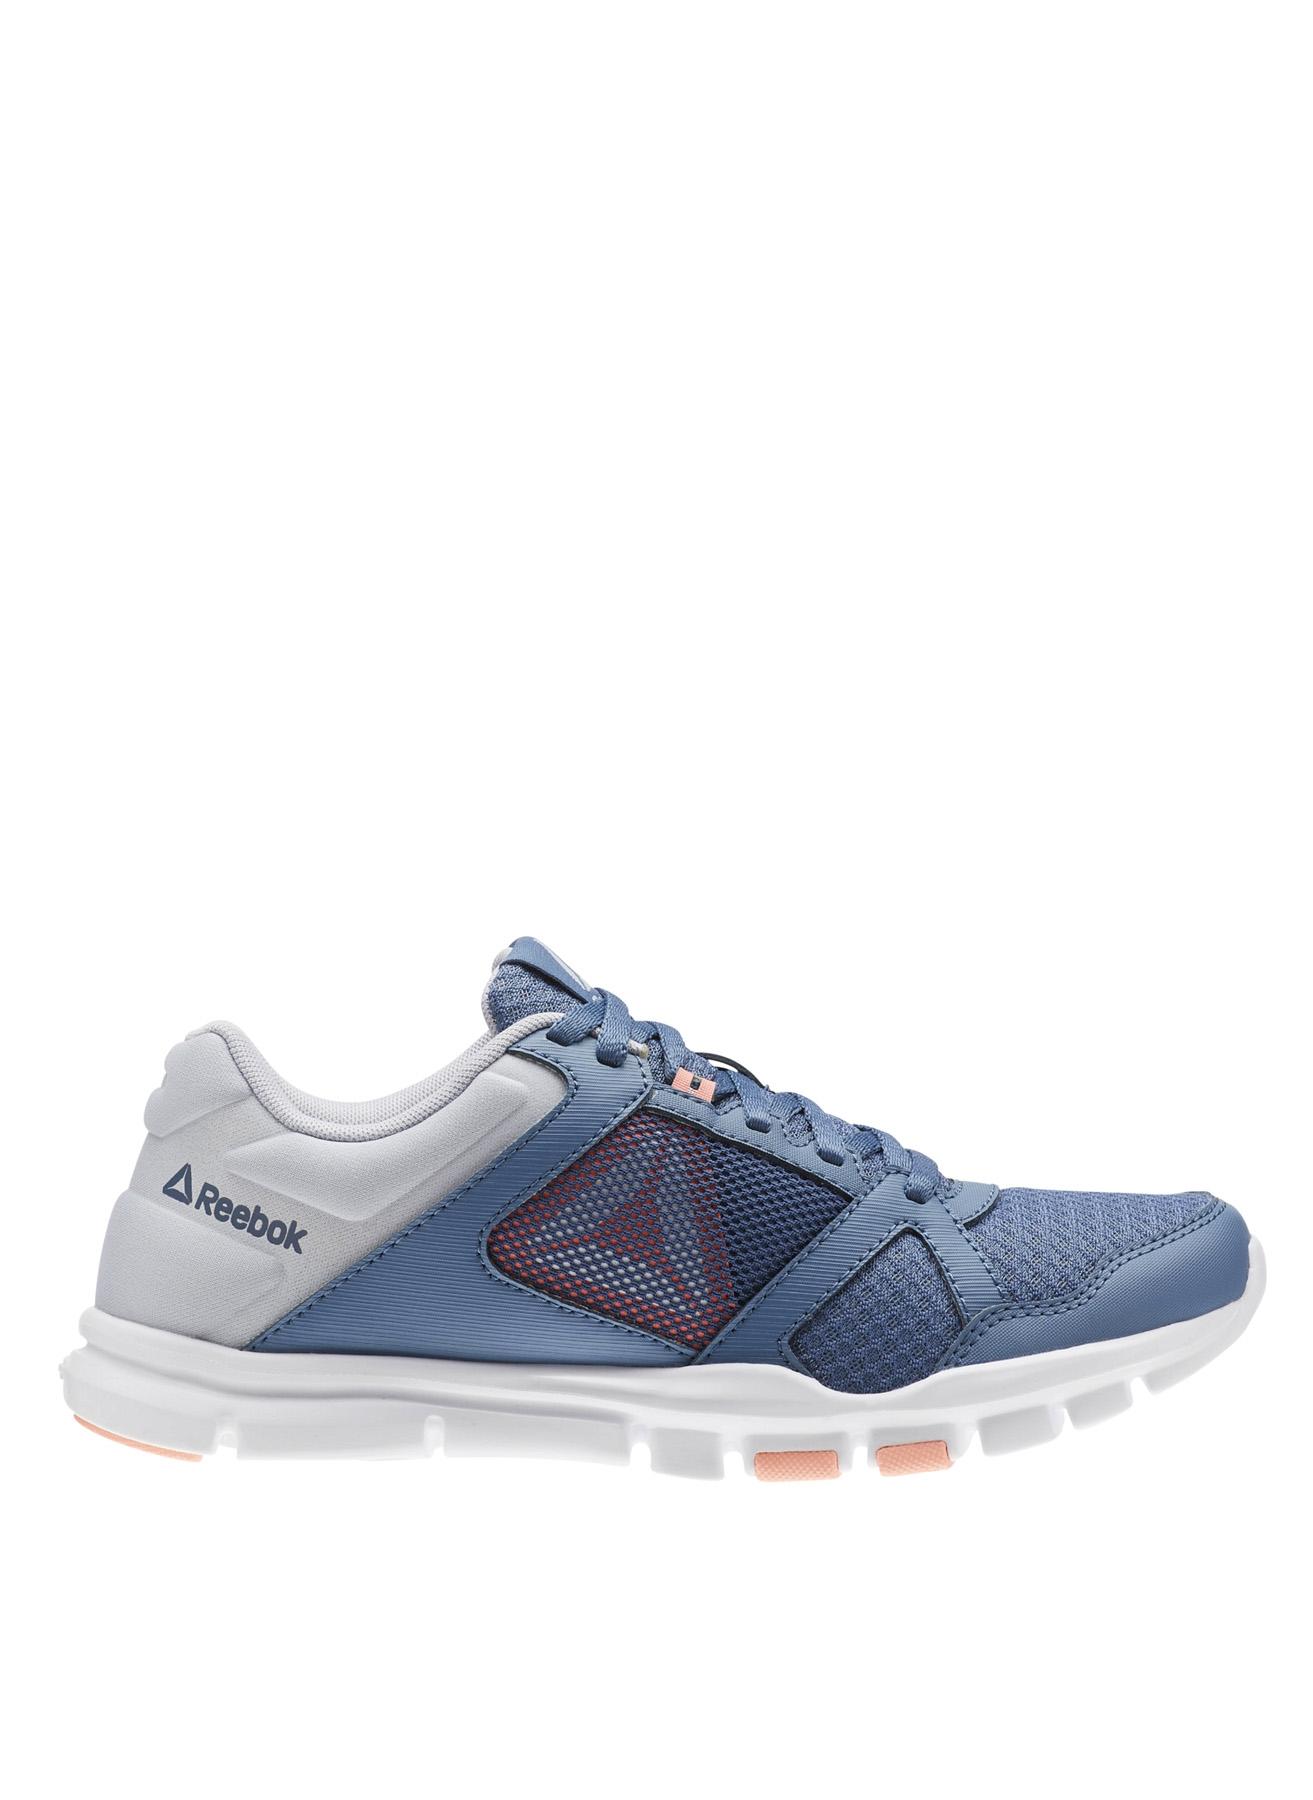 Reebok Yourflex Trainette 10 Mt Training Ayakkabısı 40 5001633300007 Ürün Resmi